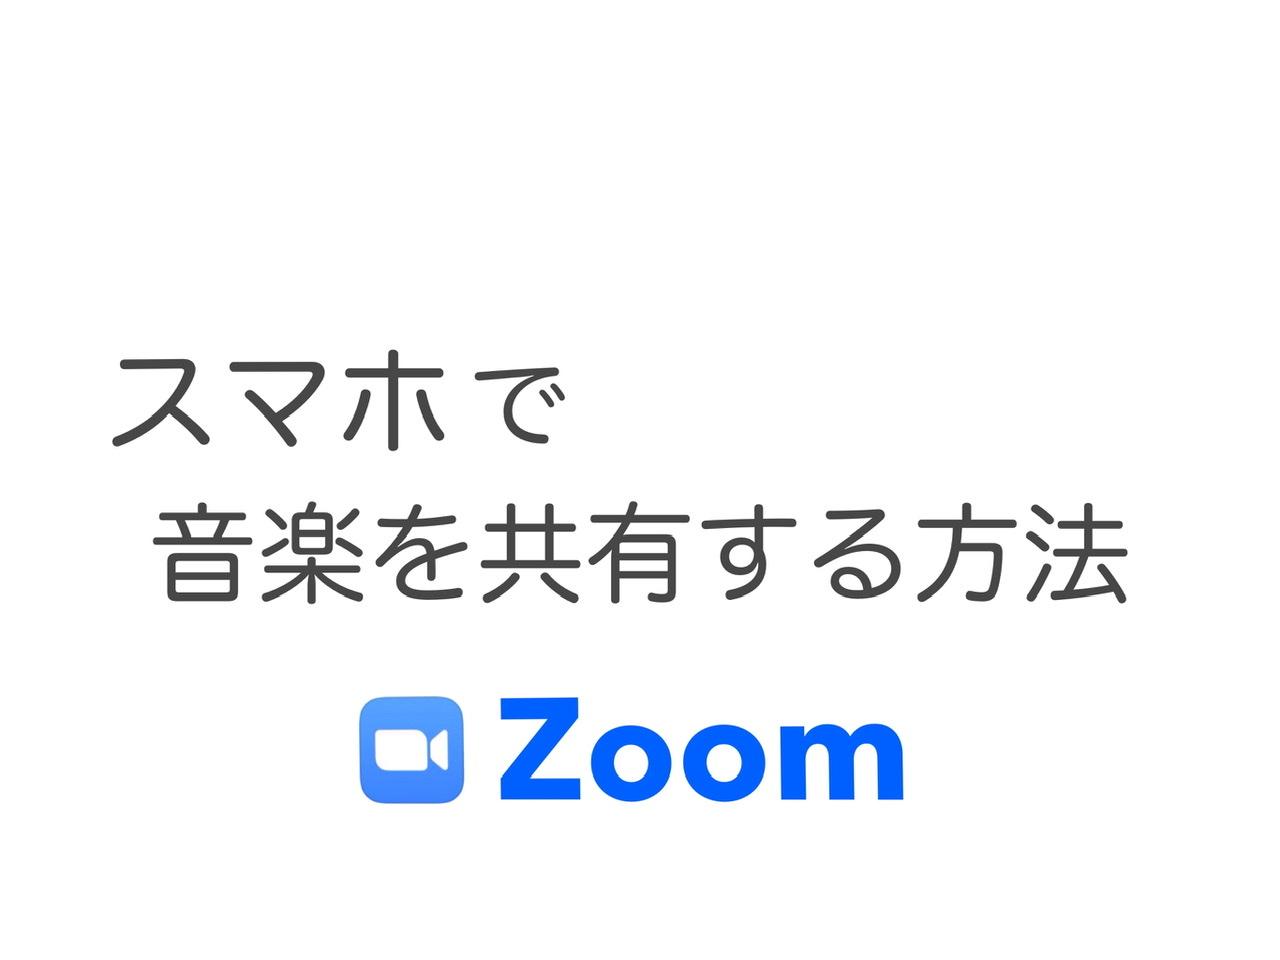 キャンセル zoom ノイズ